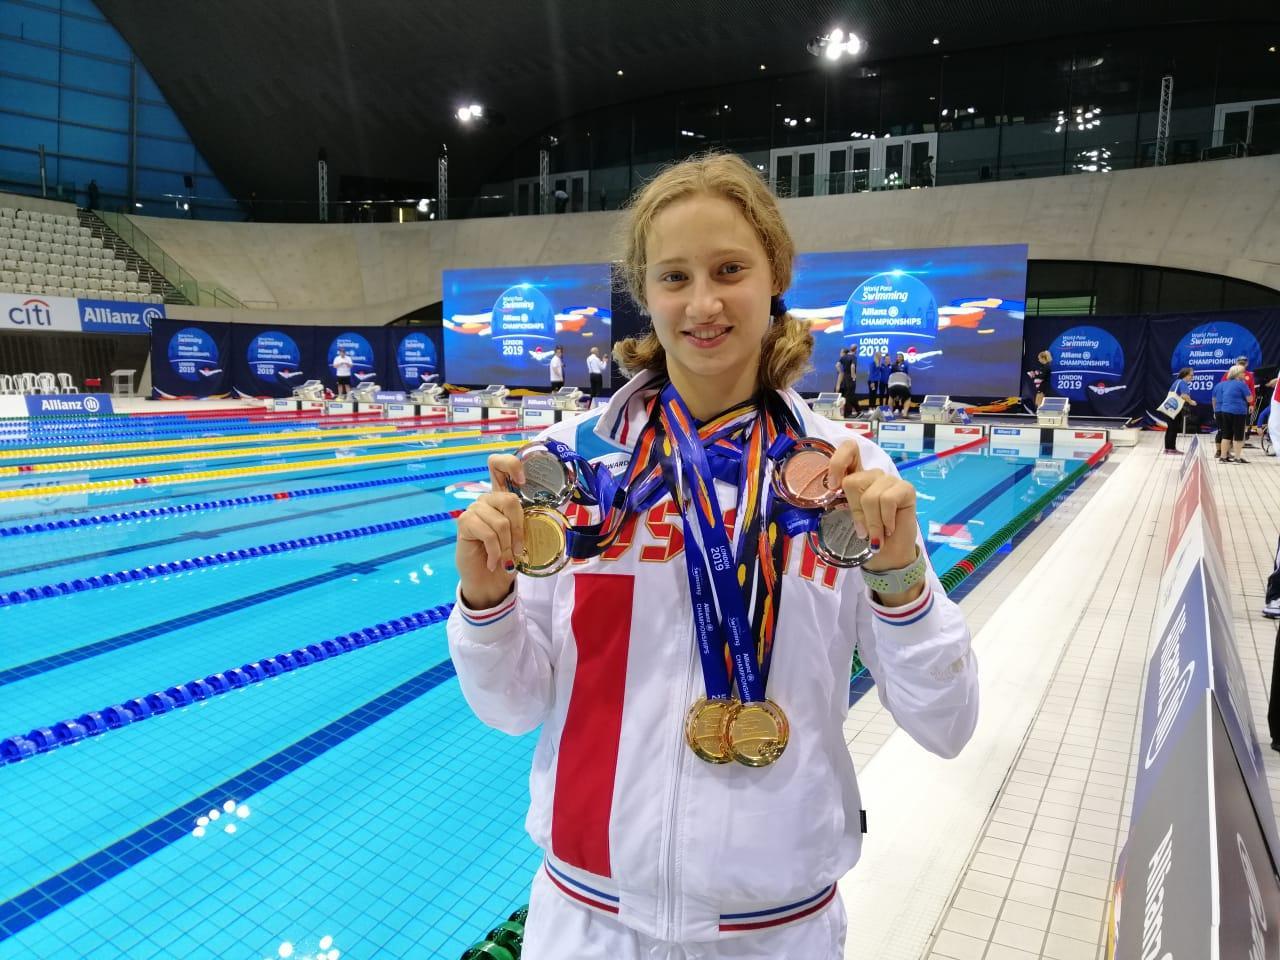 Валерия Шабалина завоевала путёвку наПаралимпиаду в Токио и 14 марта улетела на запланированные тренировочные сборы на Иссык-Куль